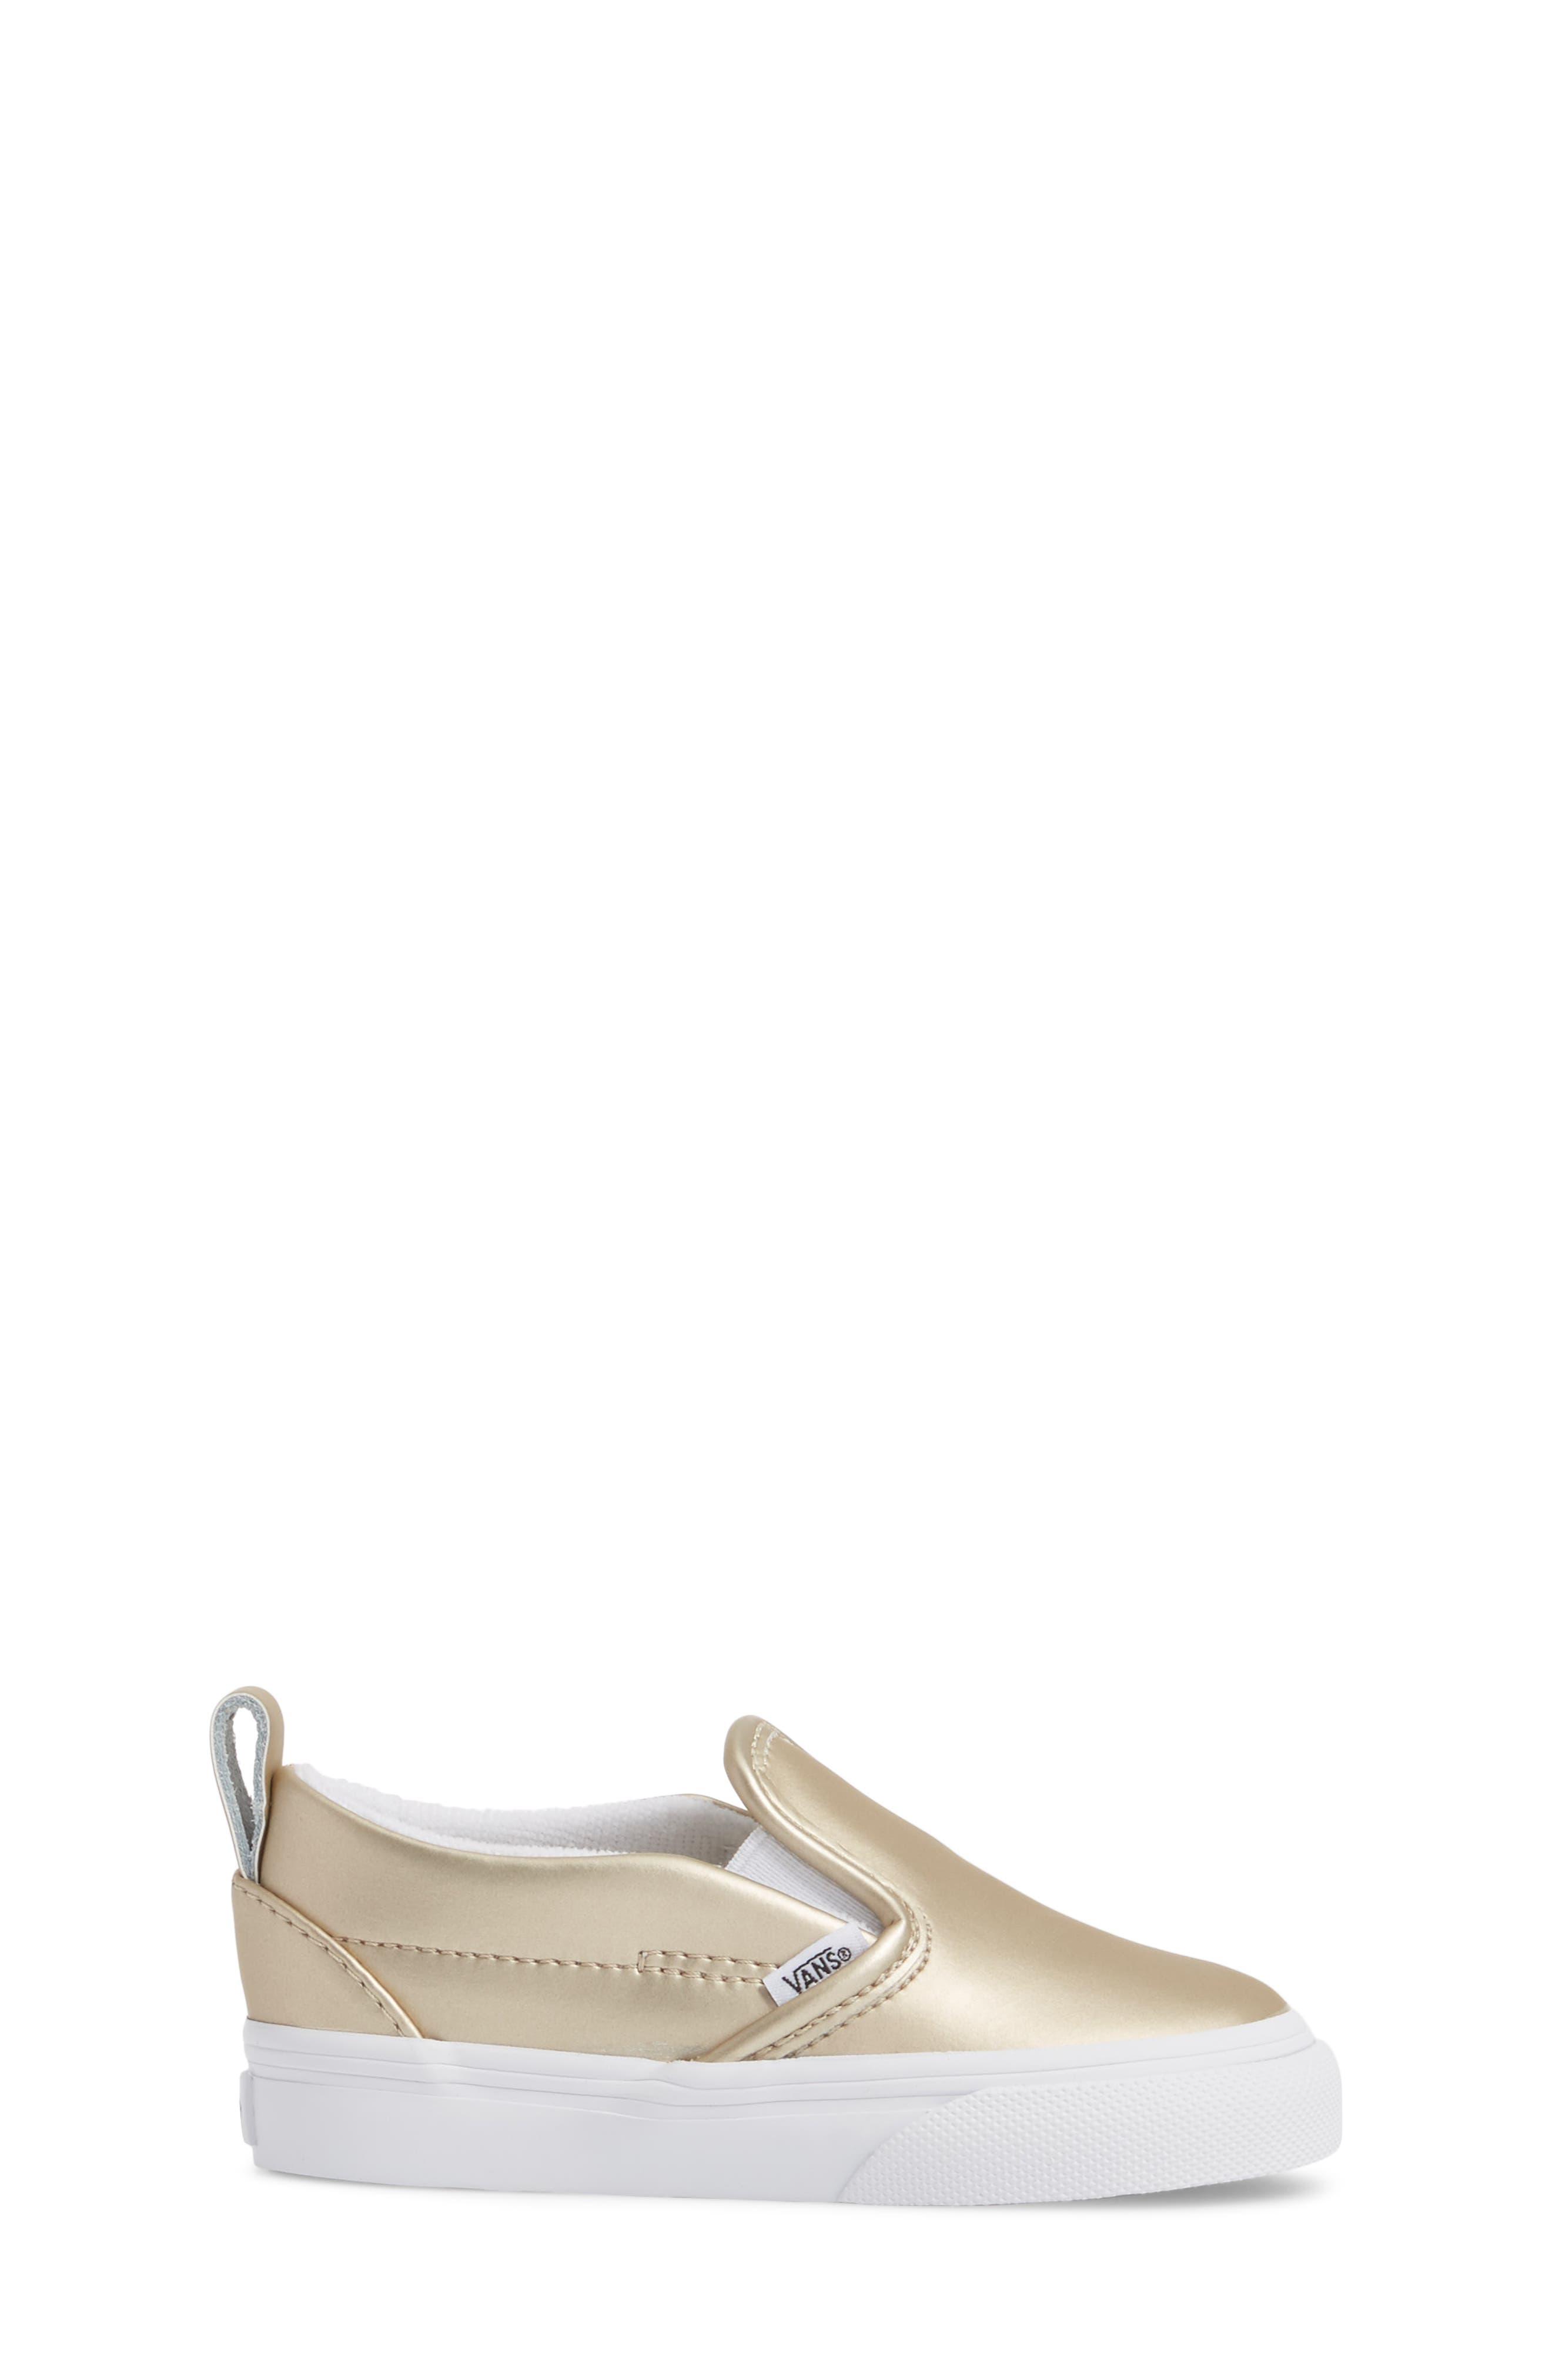 Classic Slip-On V Sneaker,                             Alternate thumbnail 3, color,                             Muted Metallic Gold/ White